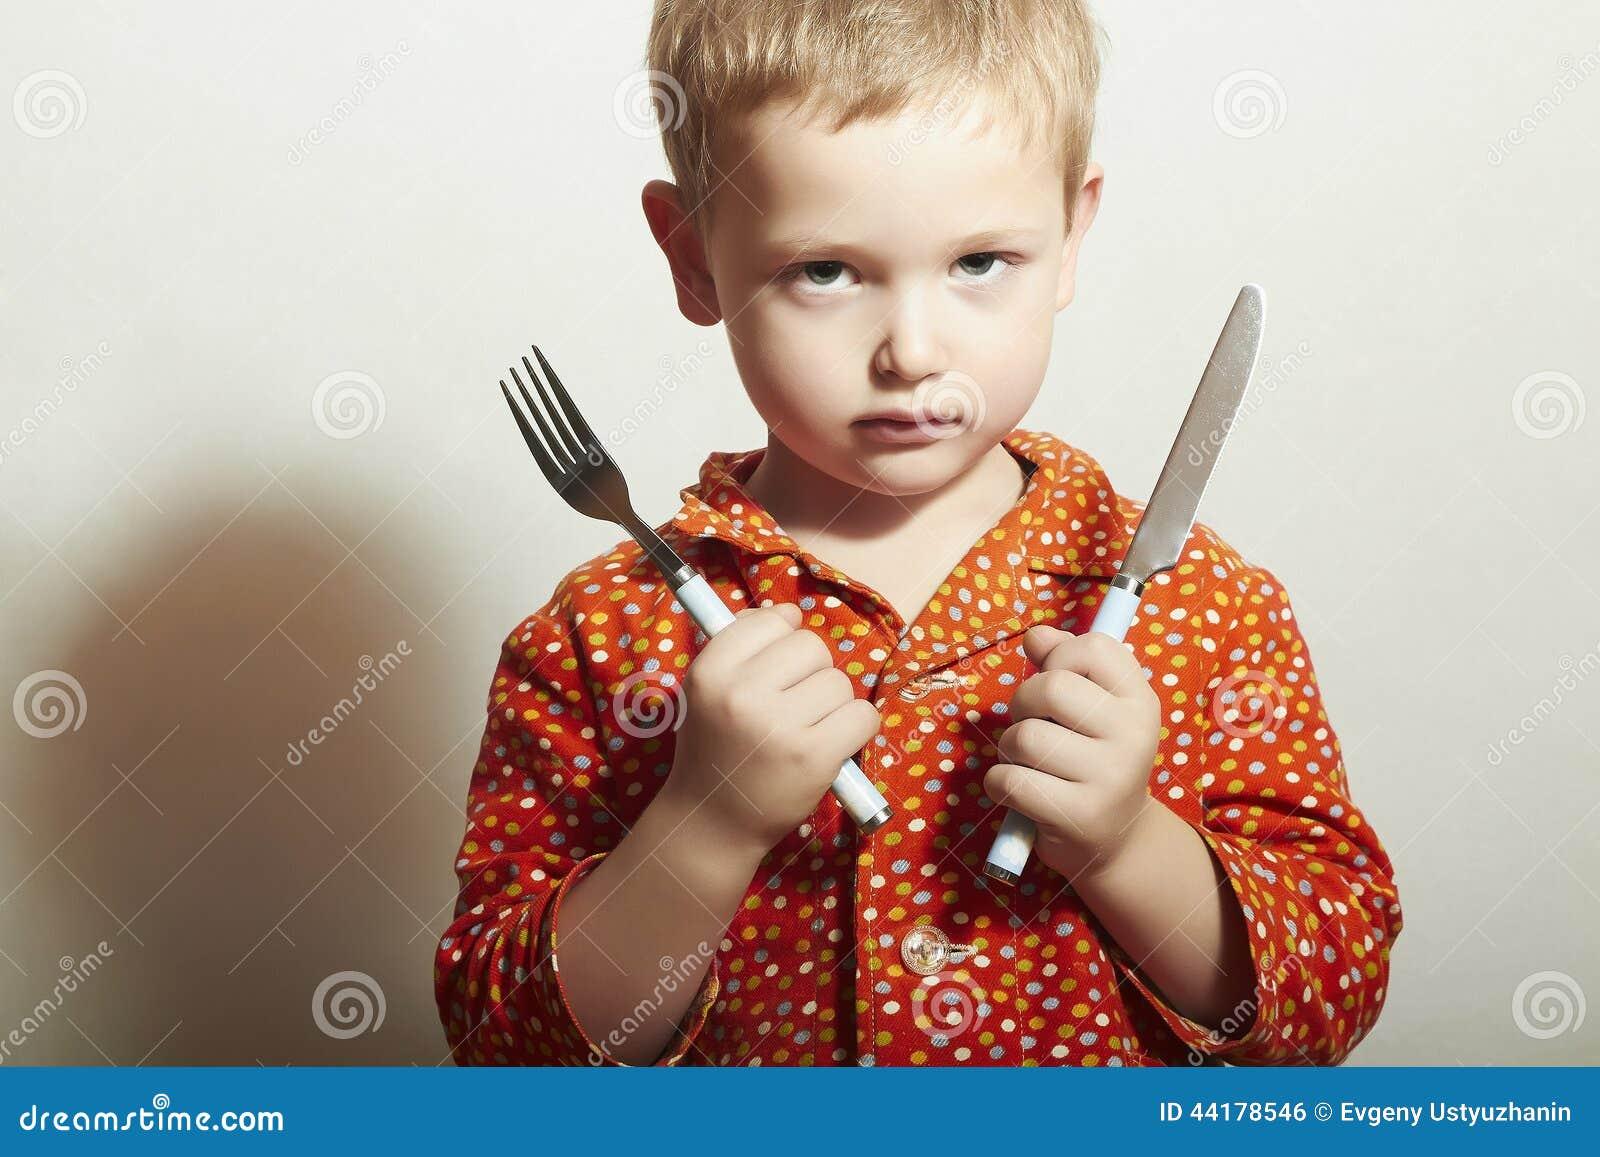 Сердитый ребенок голодный мальчик с вилкой и ножом Питание съешьте для того чтобы хотеть